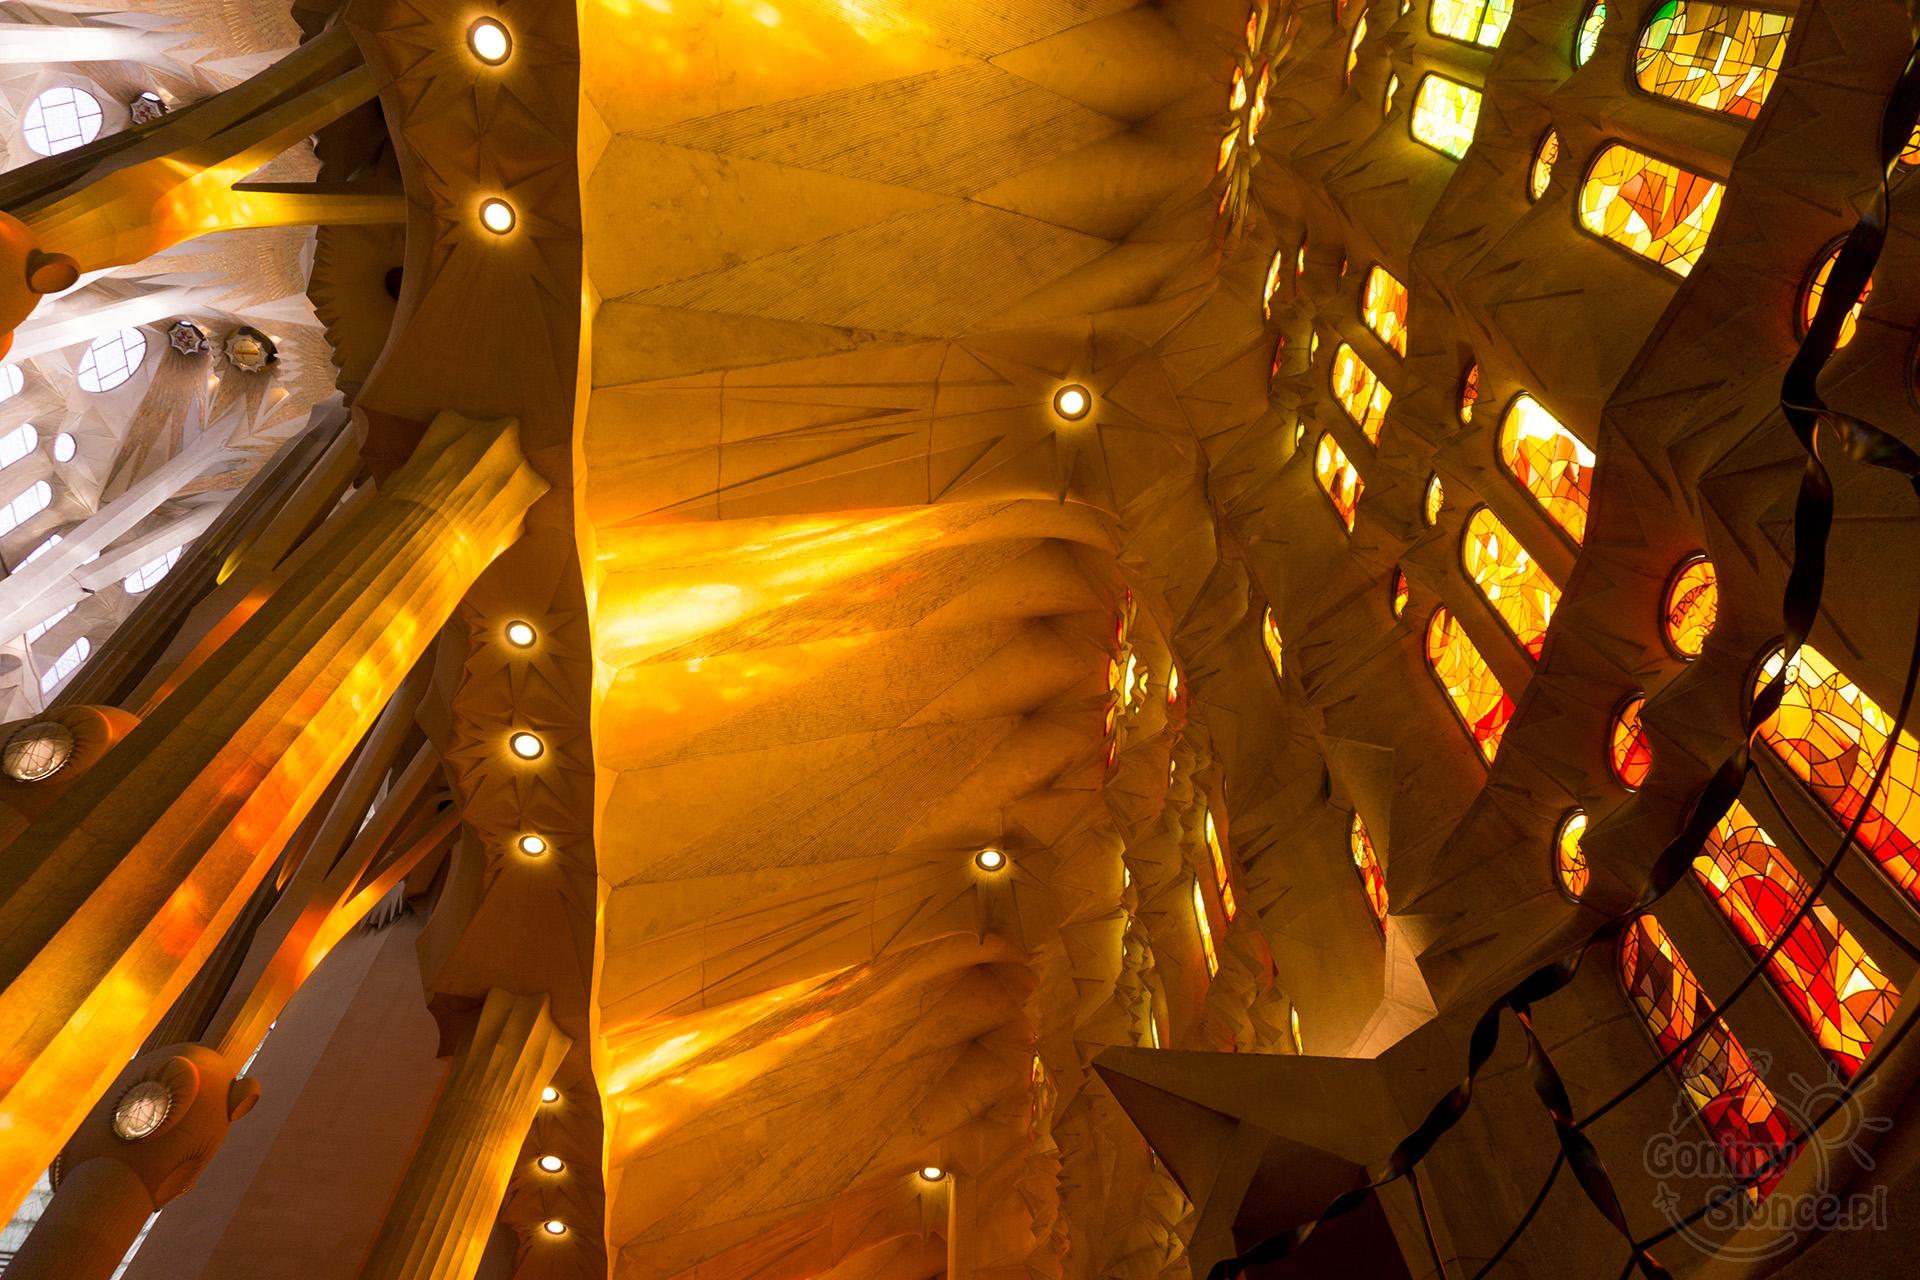 Sagrada Familia - gra świateł we wnętrzu